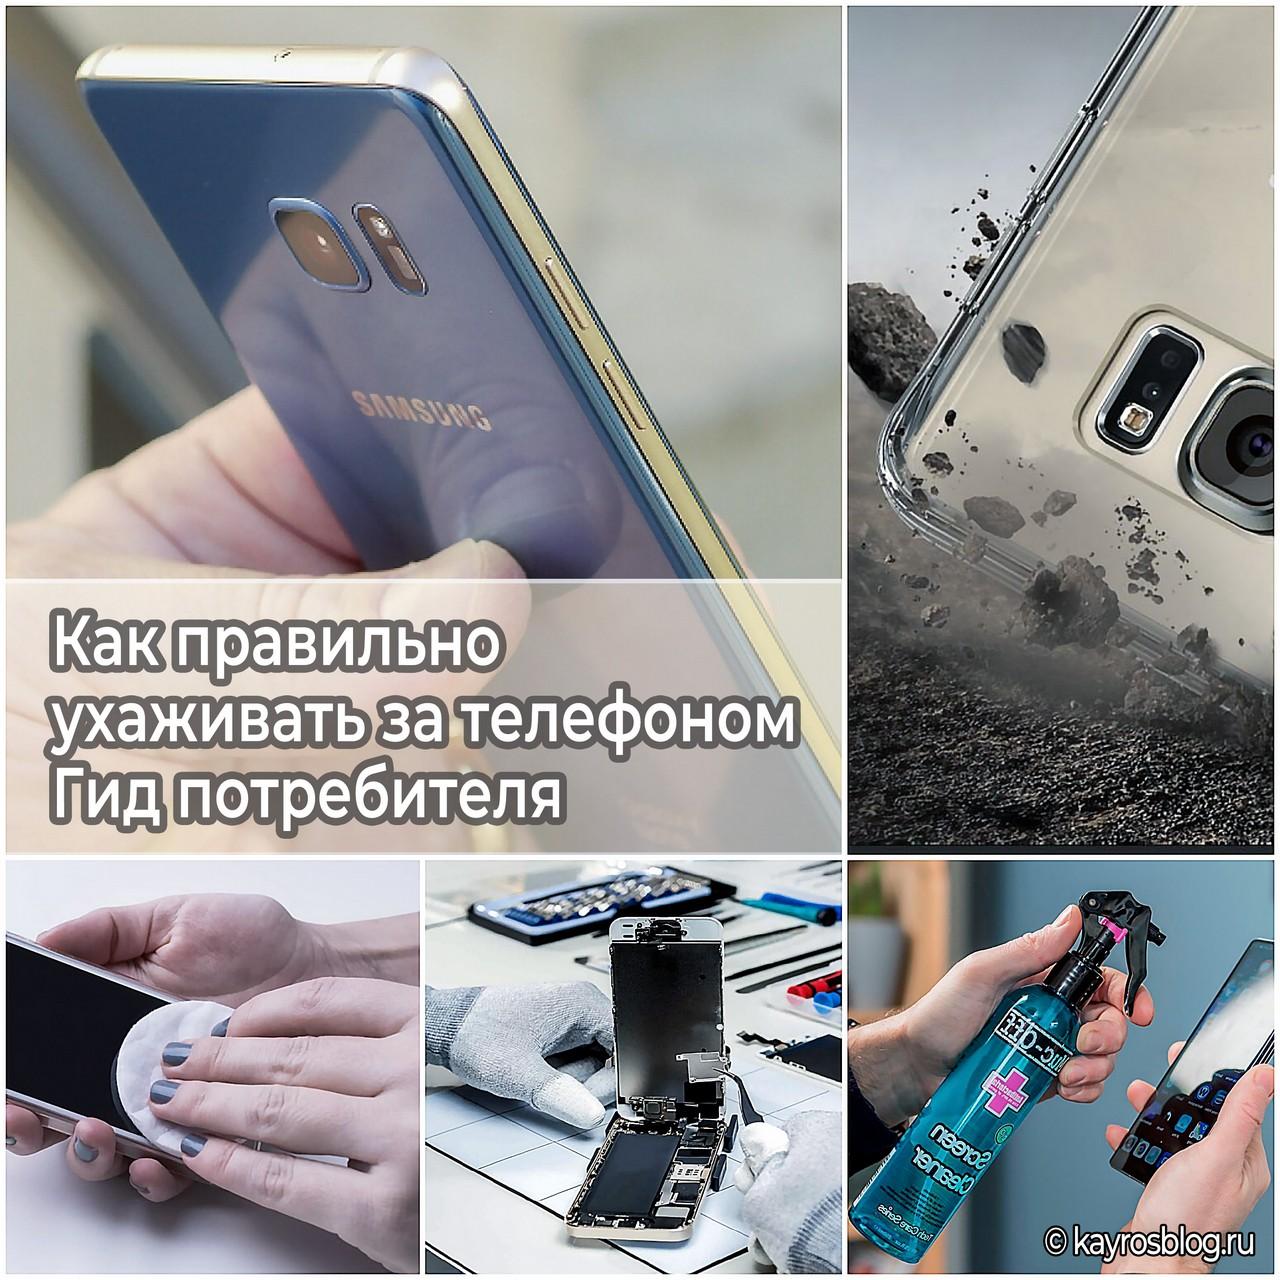 Как правильно ухаживать за телефоном. Гид потребителя